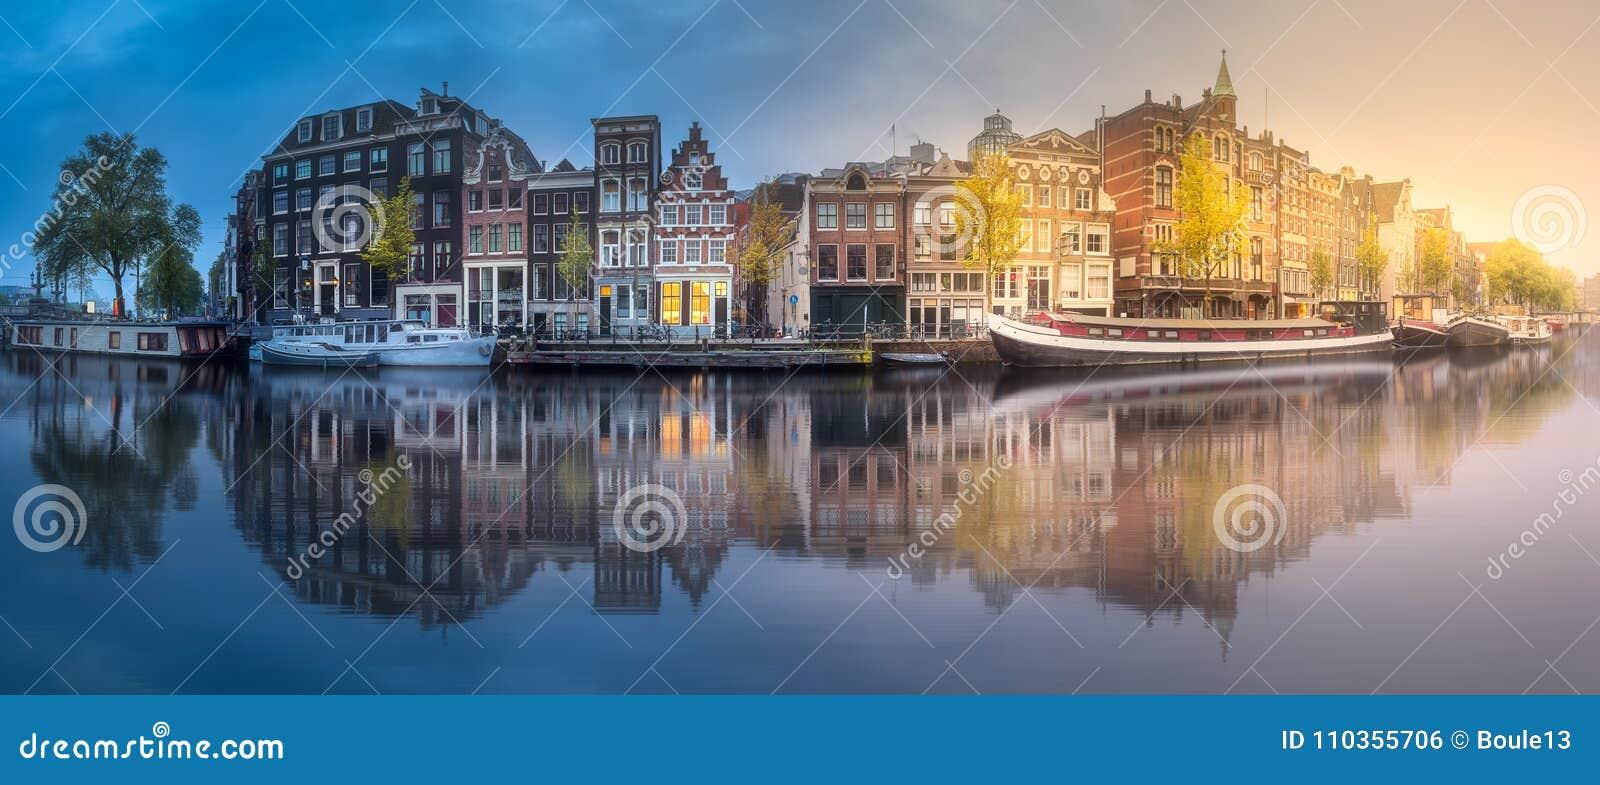 Fiume, canali e vecchie case tradizionali Amsterdam